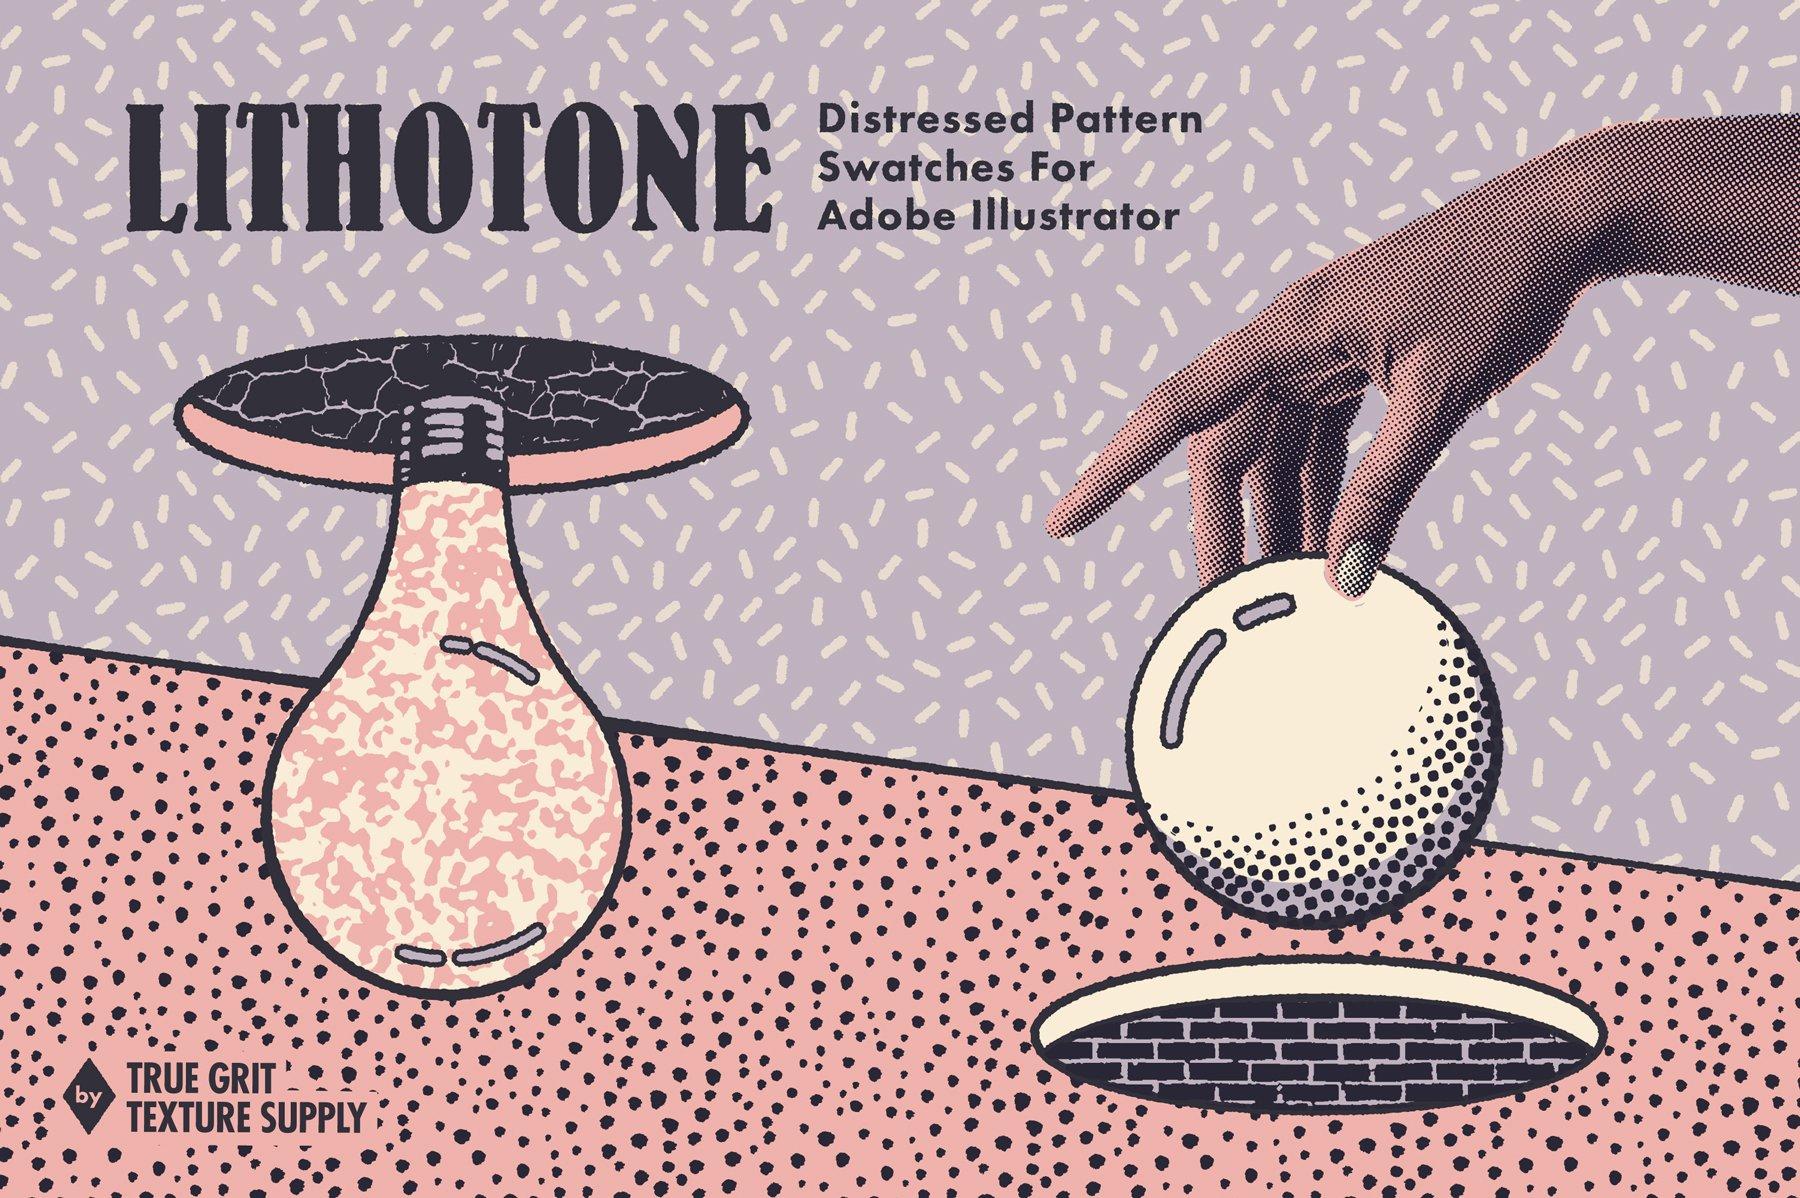 [淘宝购买] 60多款裂纹颗粒线条飞溅绘画画笔AI矢量笔刷素材 Lithotone Dstrssd Pattern Swatches插图